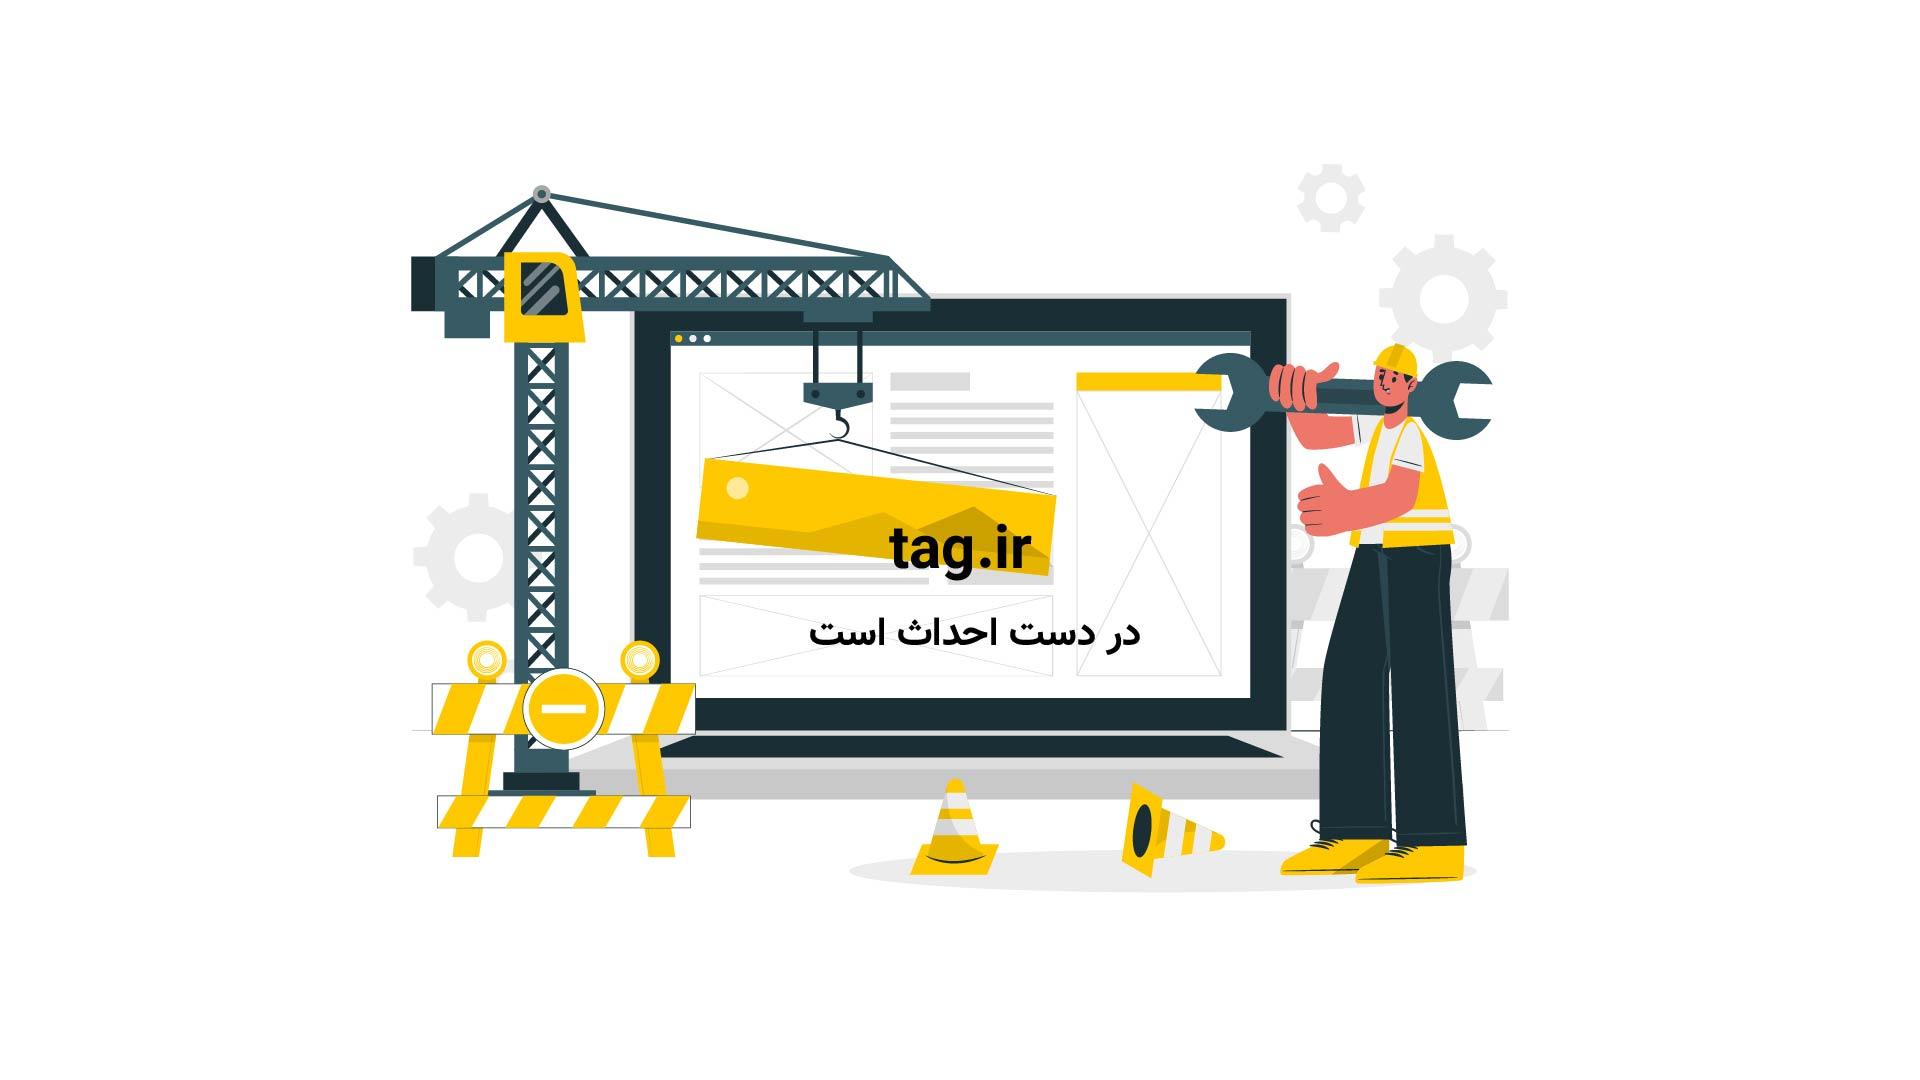 حمله بابونها به یوزپلنگ برای نجات آهو | فیلم